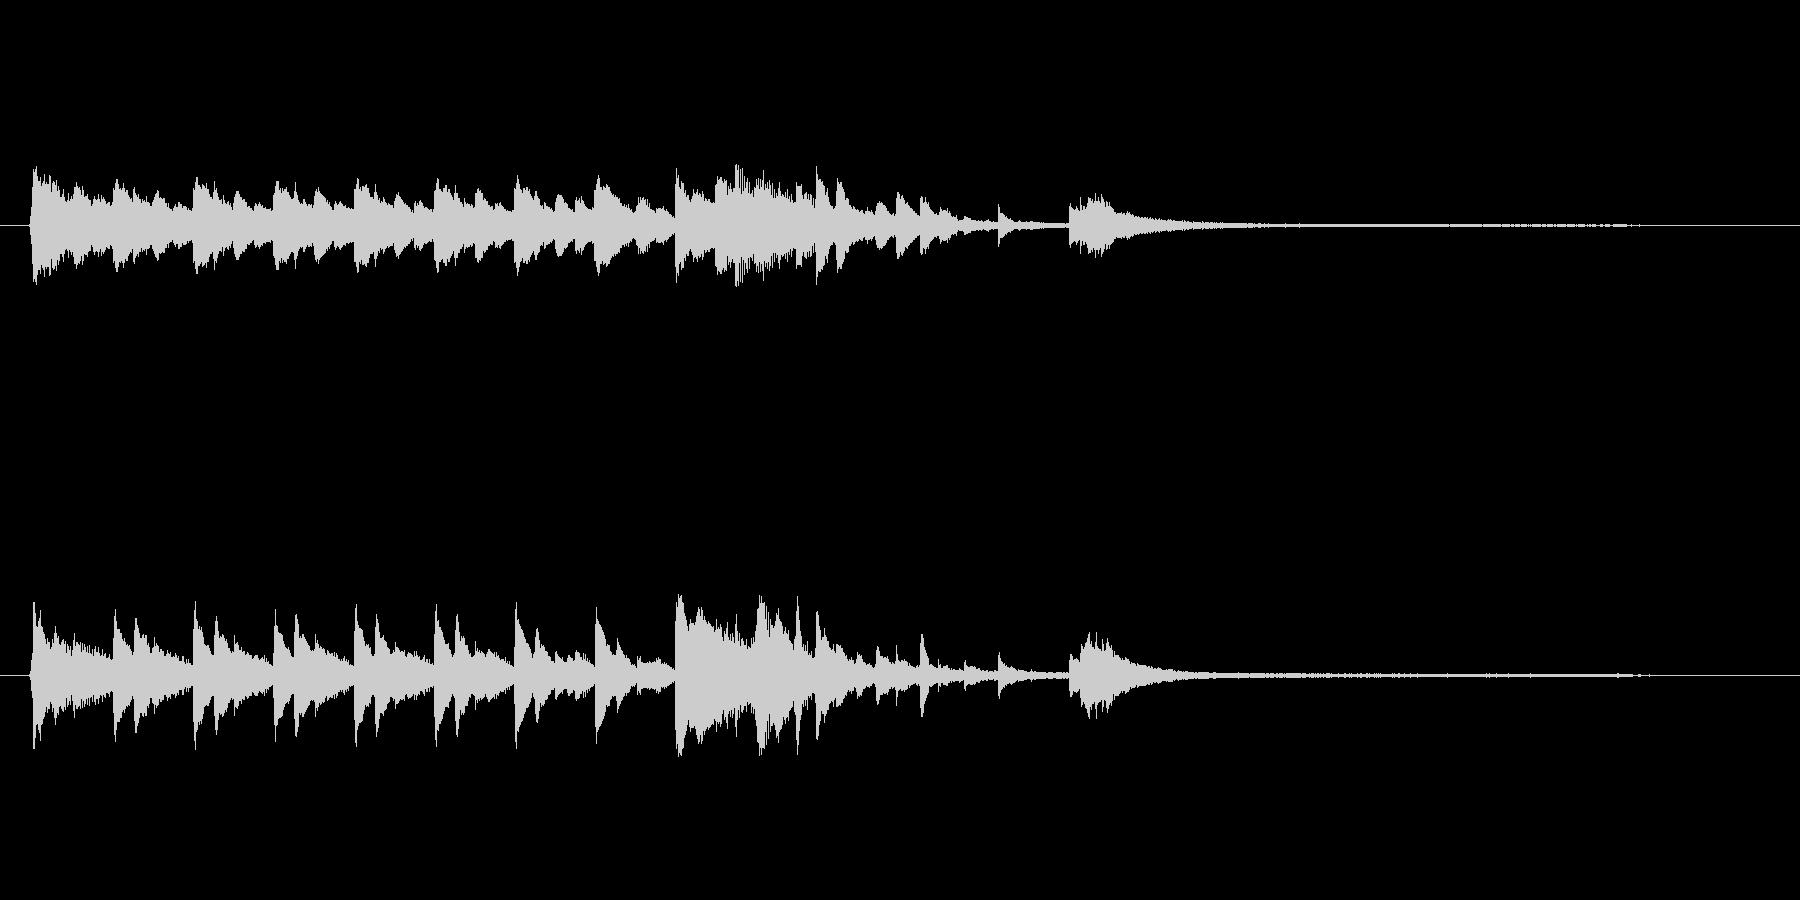 きれいなピアノの音色でロゴ、ジングルの未再生の波形